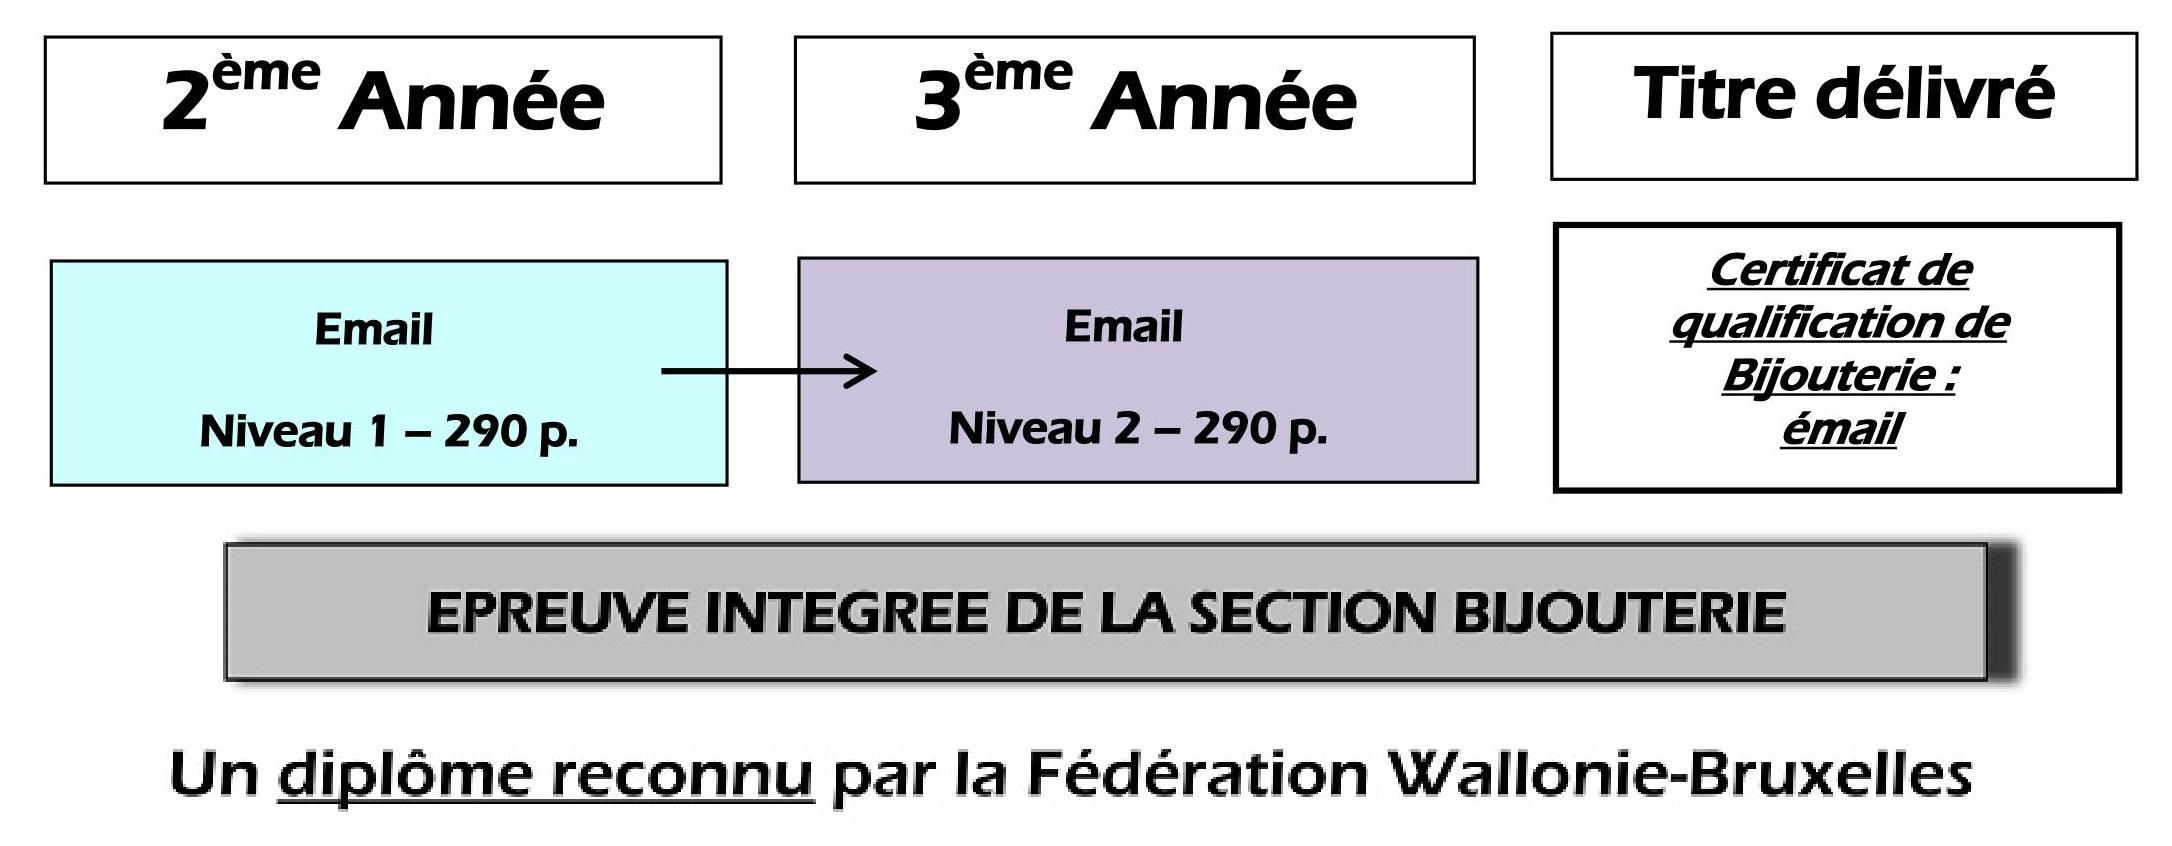 Bijouterie Email – Organigramme de la section